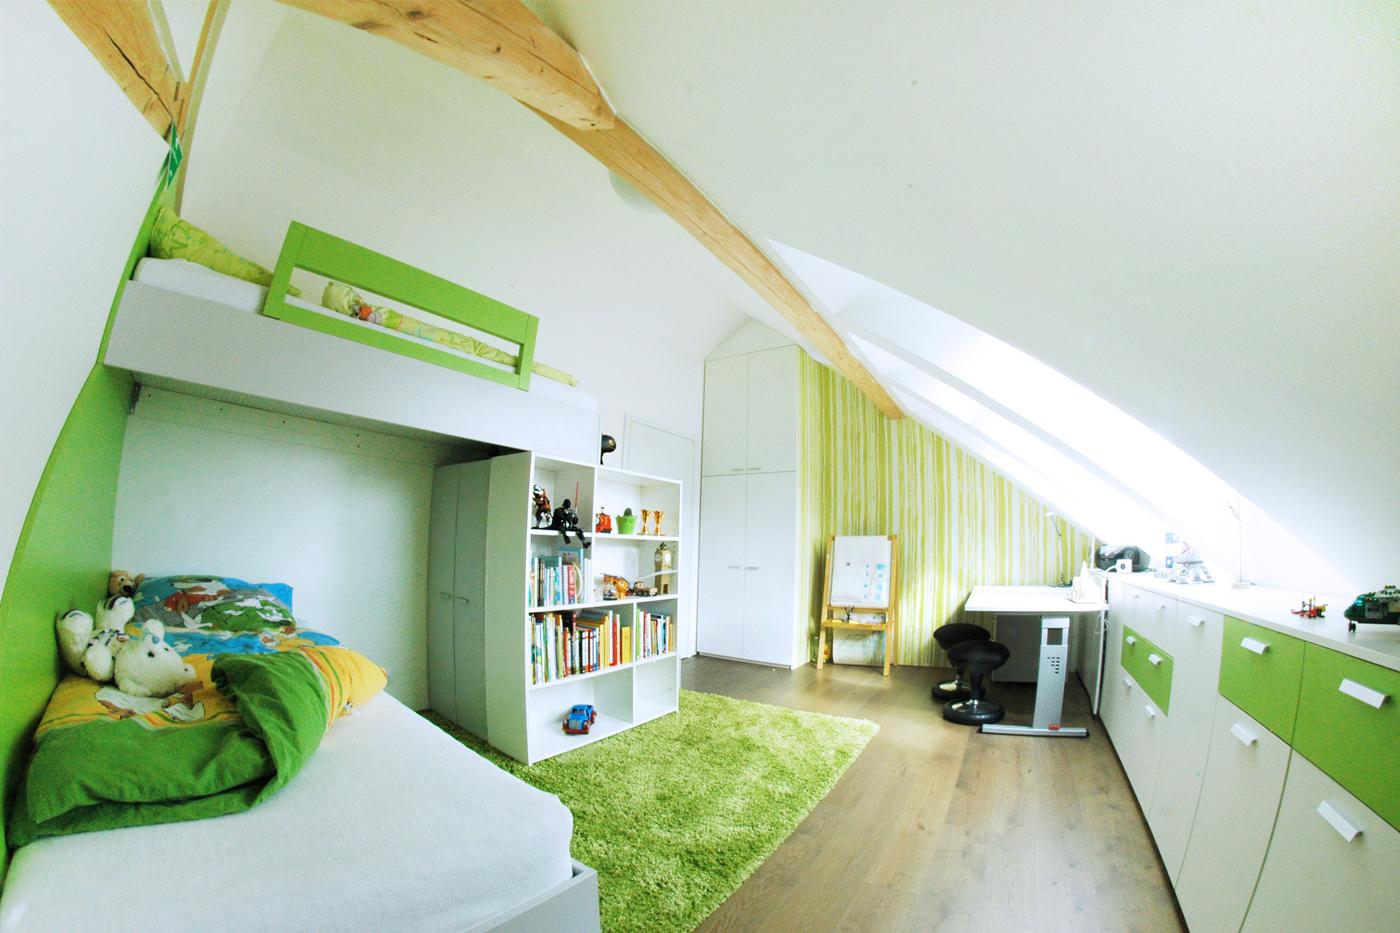 Po celé délce pokoje v místě, kde je nejnižší strop, jsou umístěné komody se šuplíky nebo dvířky.